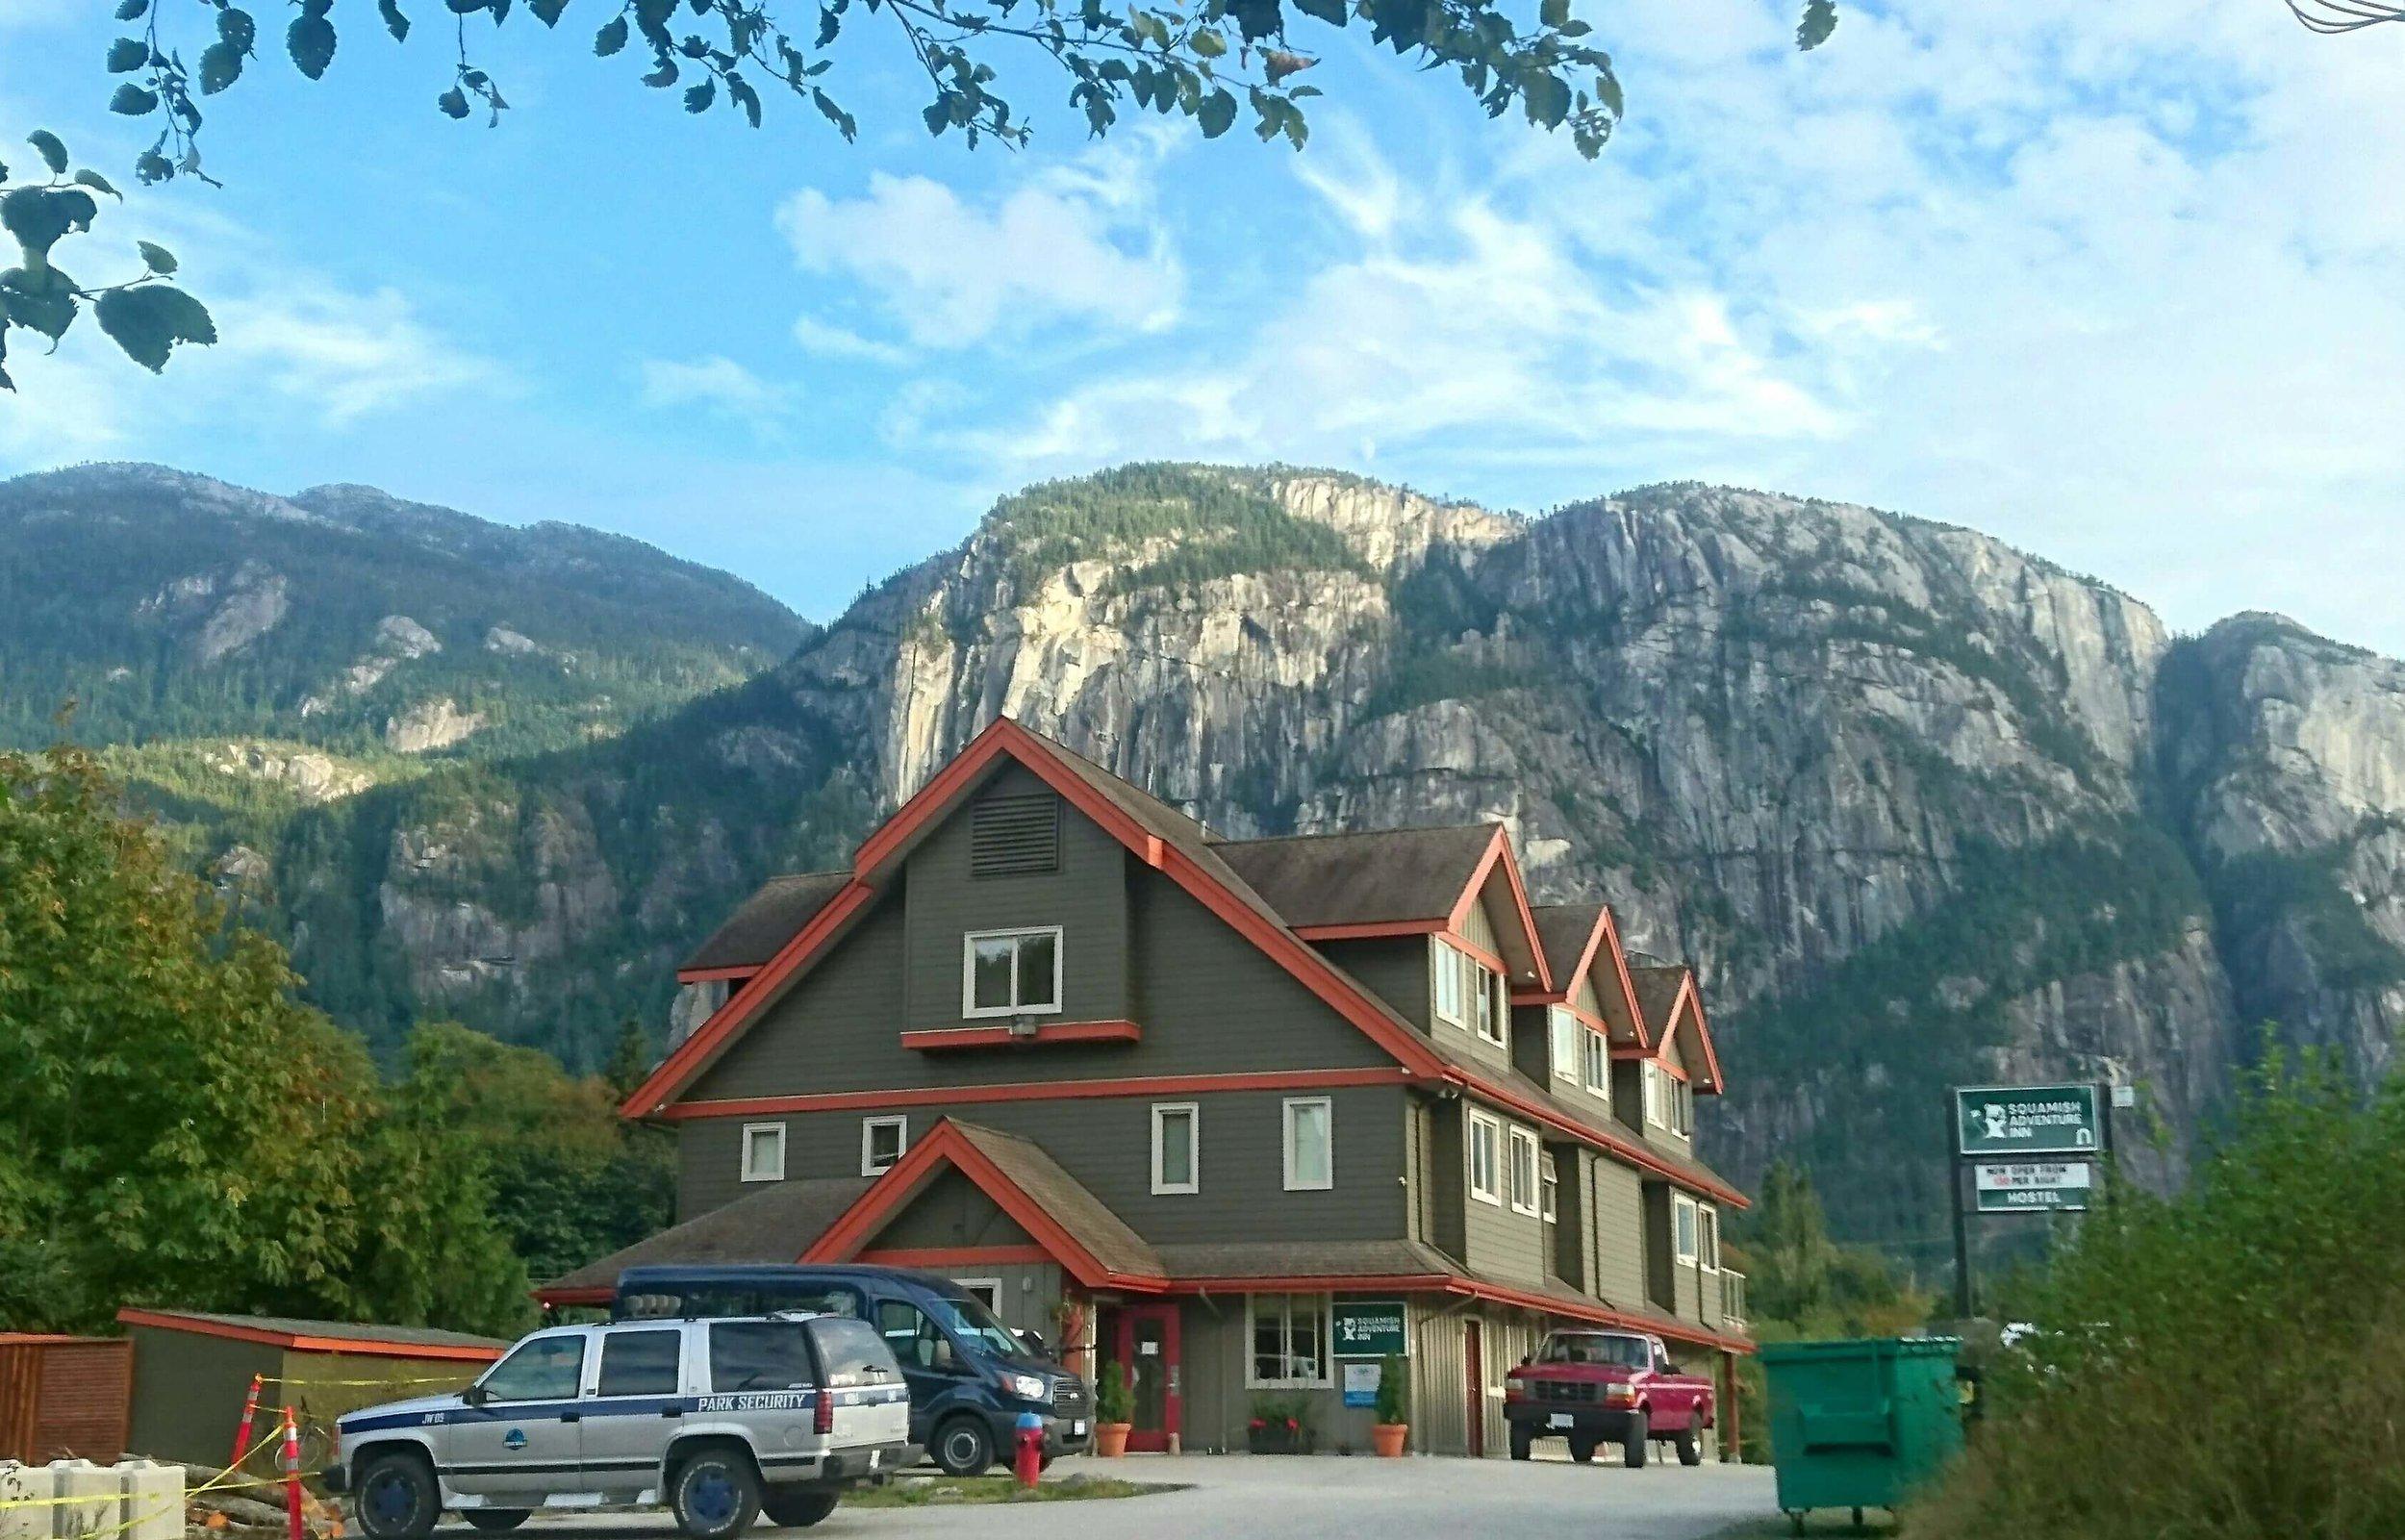 hostel-outside-beautiful-google.jpg